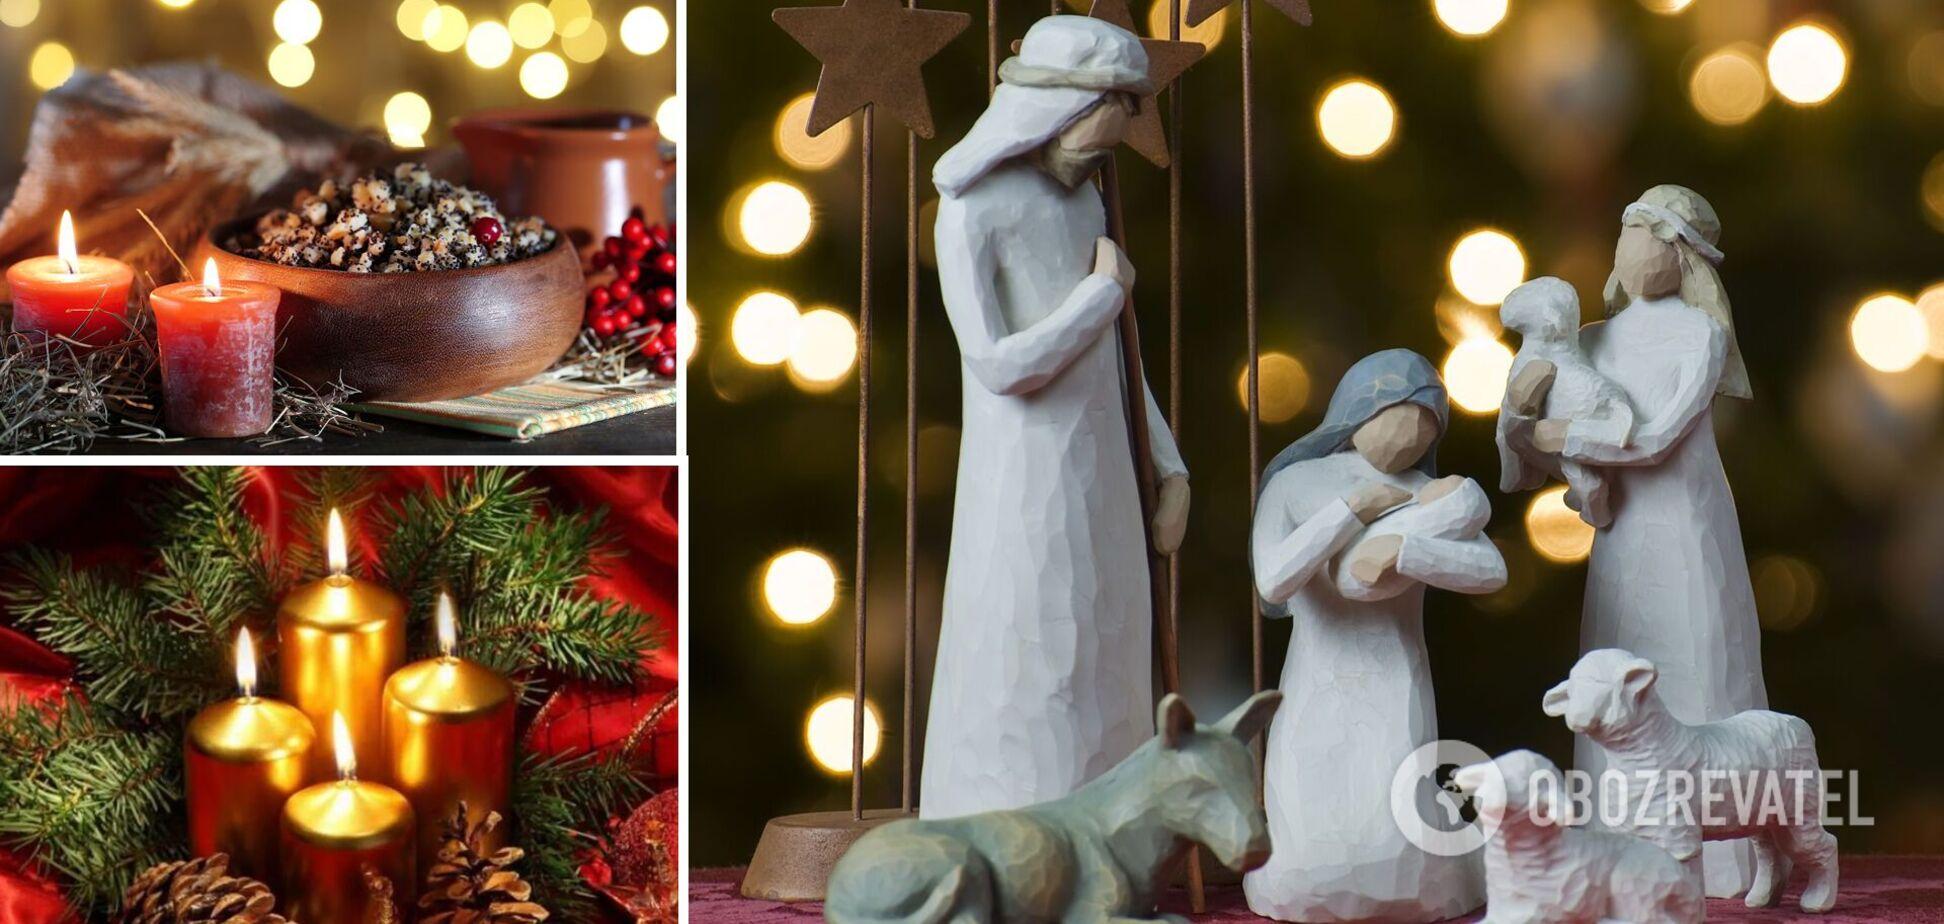 Рождество – 25 декабря или 7 января? Чем отличаются традиции и в чем суть дискуссии